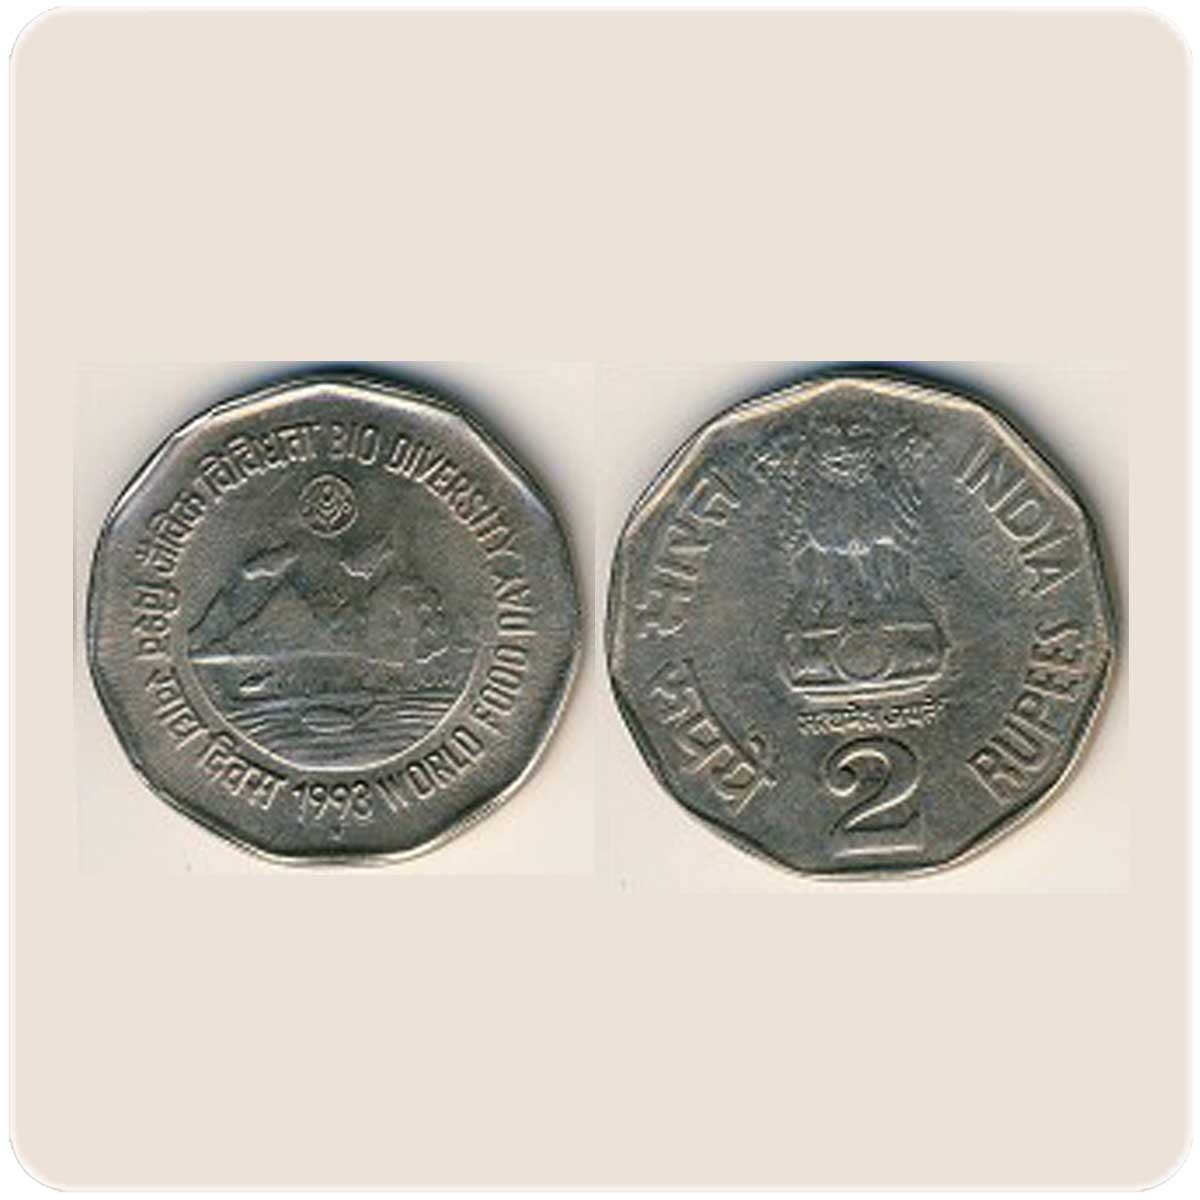 Индия 2 рупии 1993 года Всемирный день продовольствия код 20505